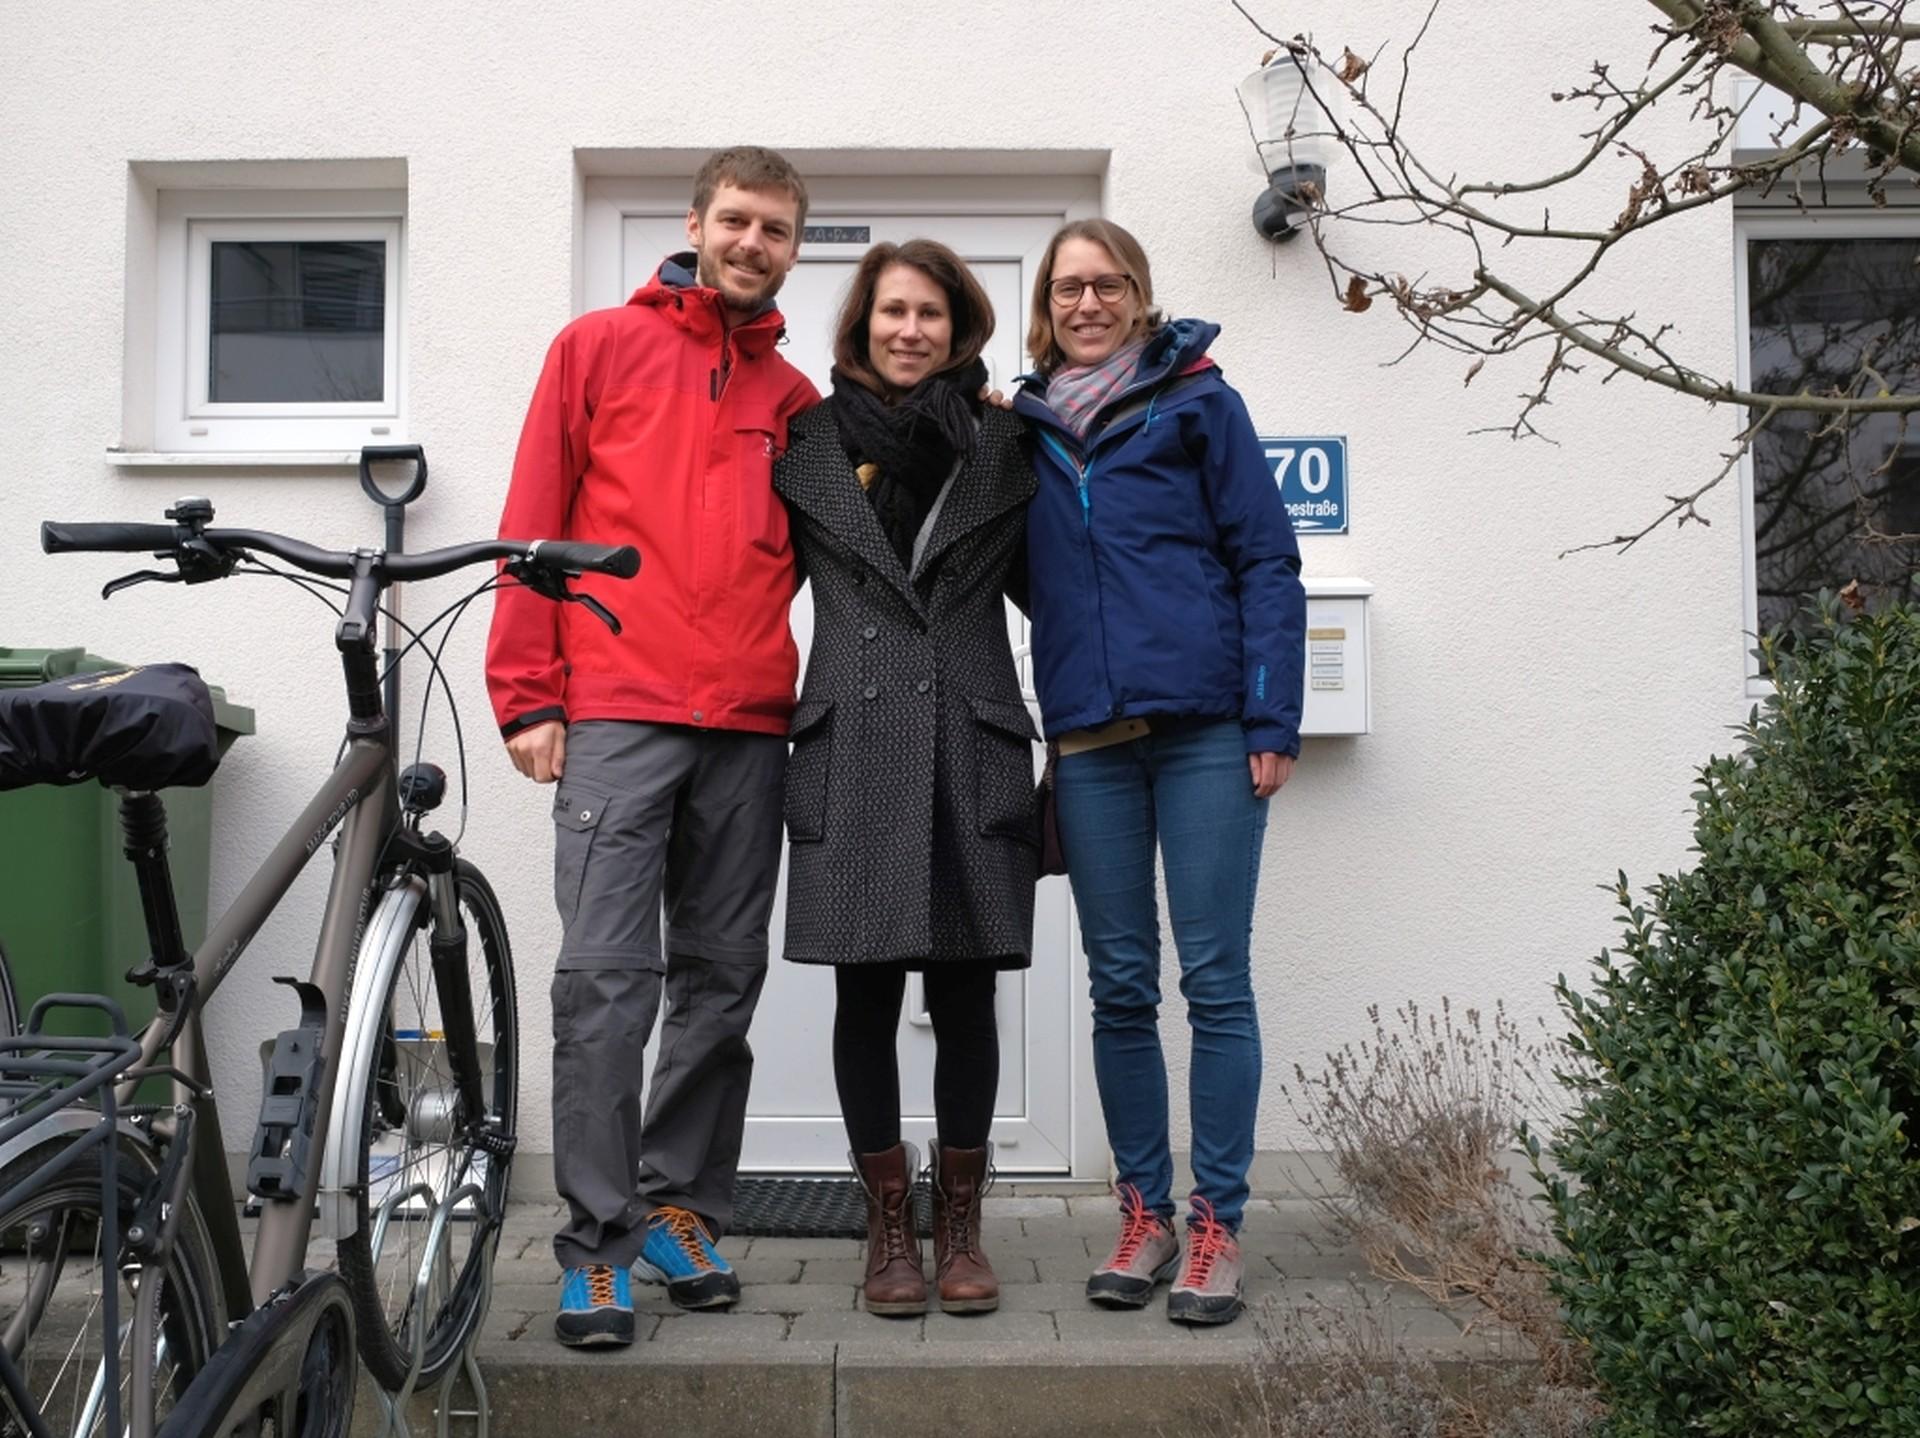 Sebastian, Jana und Leo stehen vor einem Haus